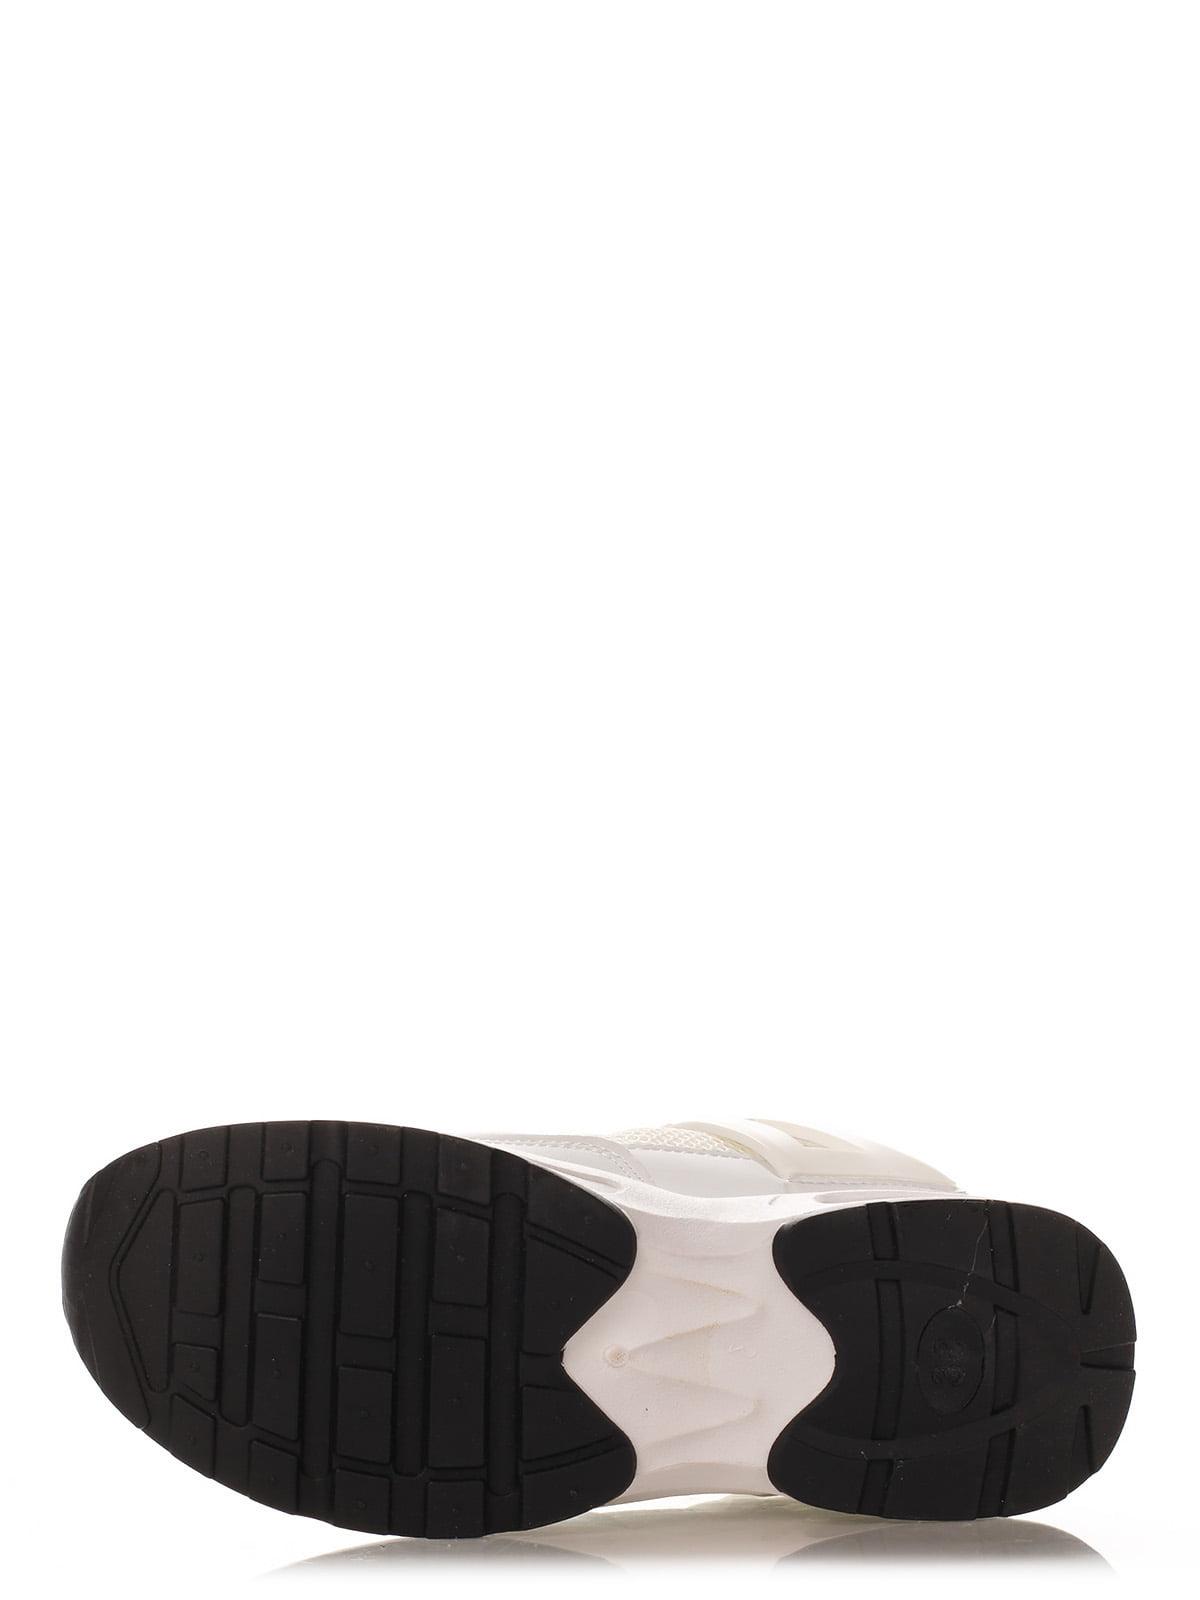 Кроссовки белые | 4001885 | фото 5